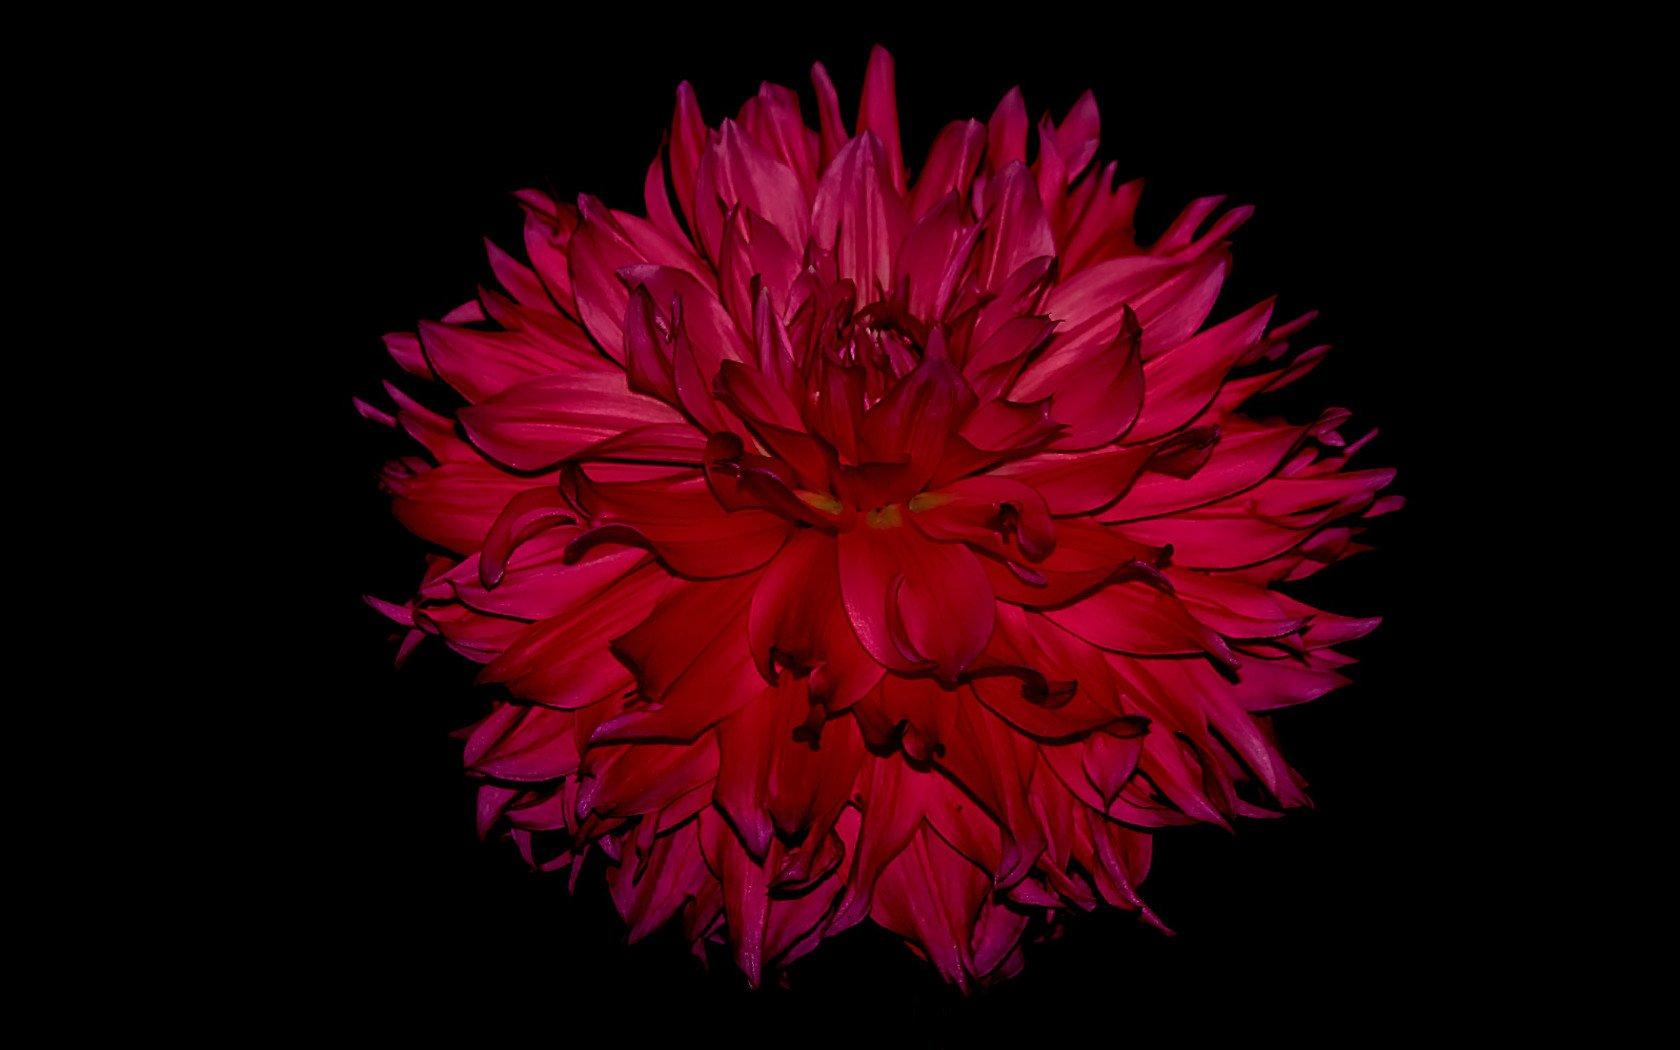 картинки на рабочий стол айфона цветы рассмотрены подходящие для